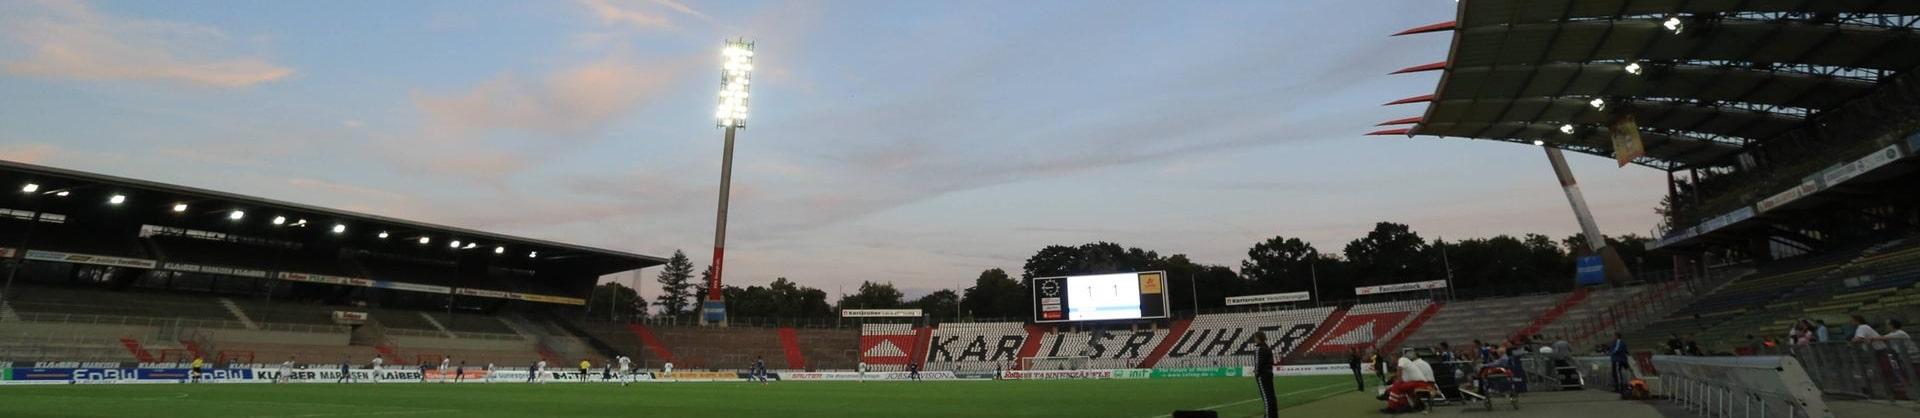 Karlsruhe verabschiedet sich mit großer Pyro-Show vom Wildparkstadion